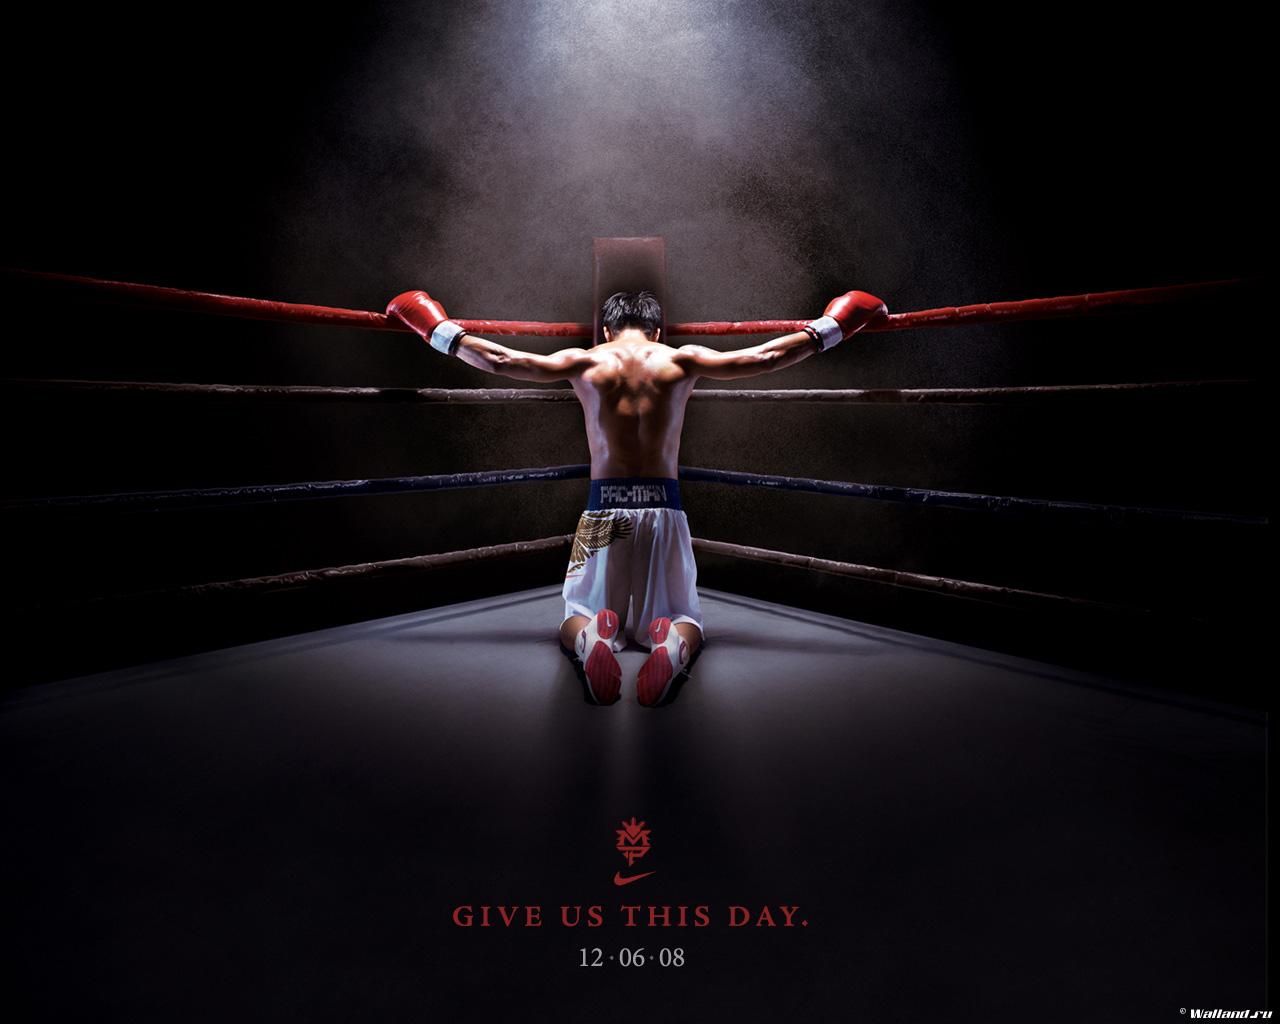 Скачать изображение боксер ринг фото